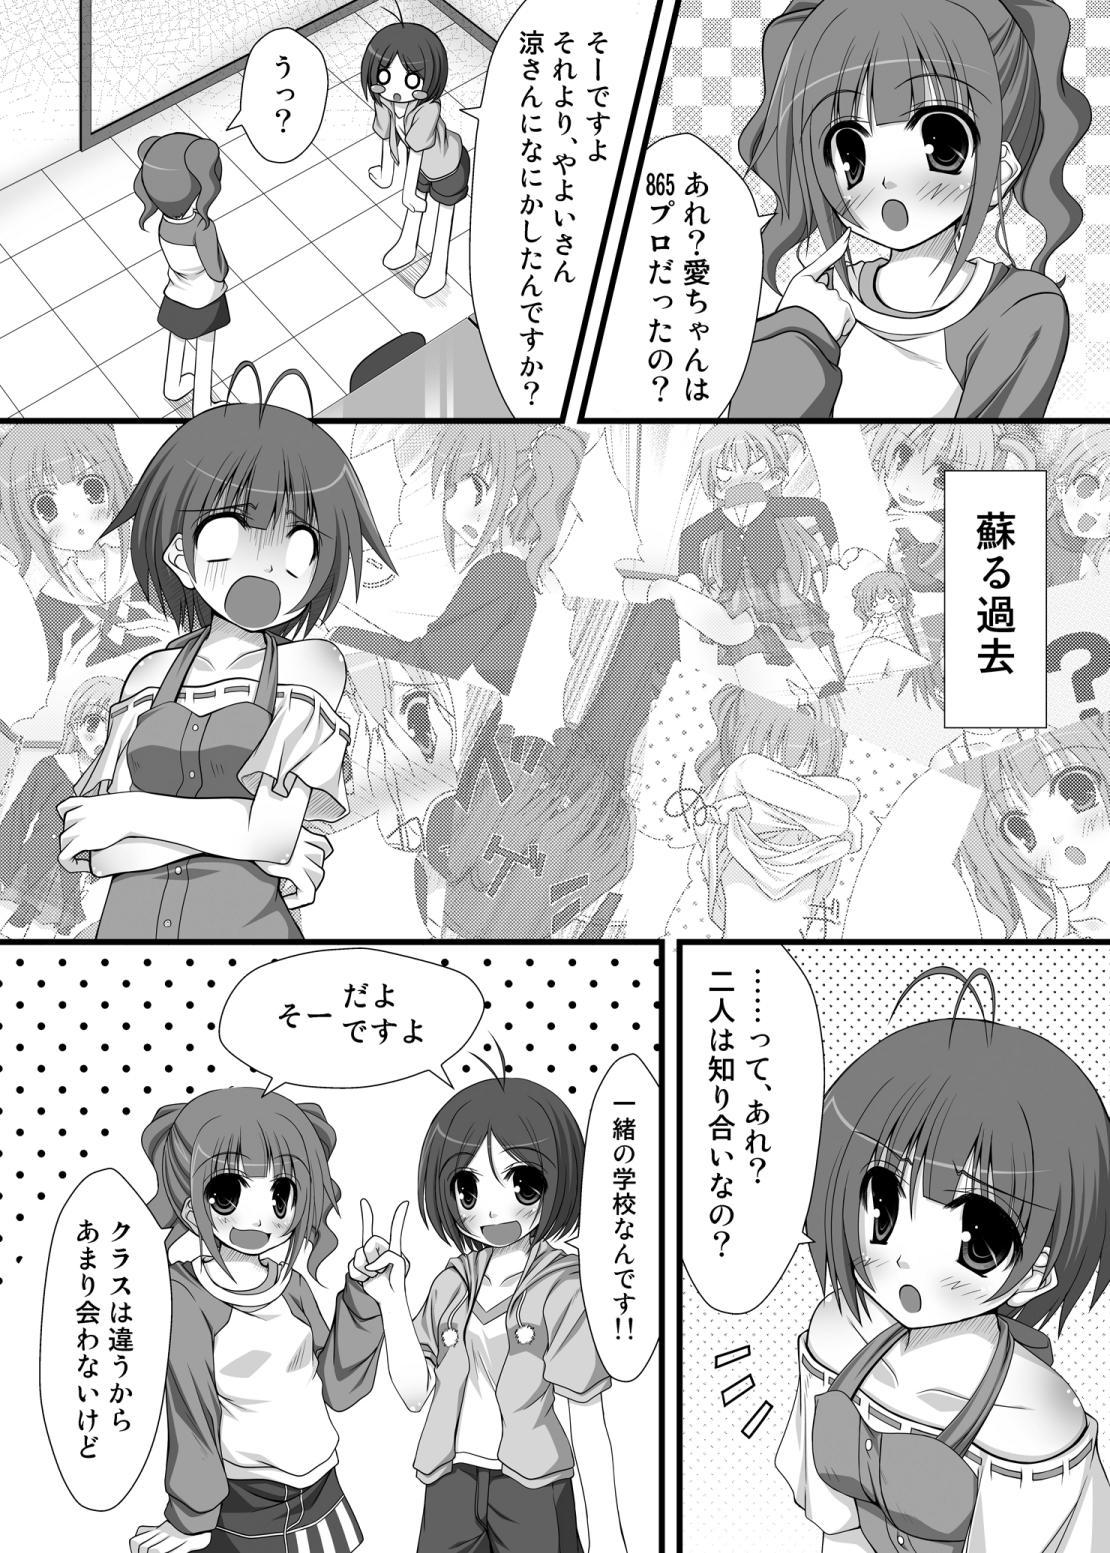 Aho no Ko ga Futari Atsumareba Tonikaku Urusai 6